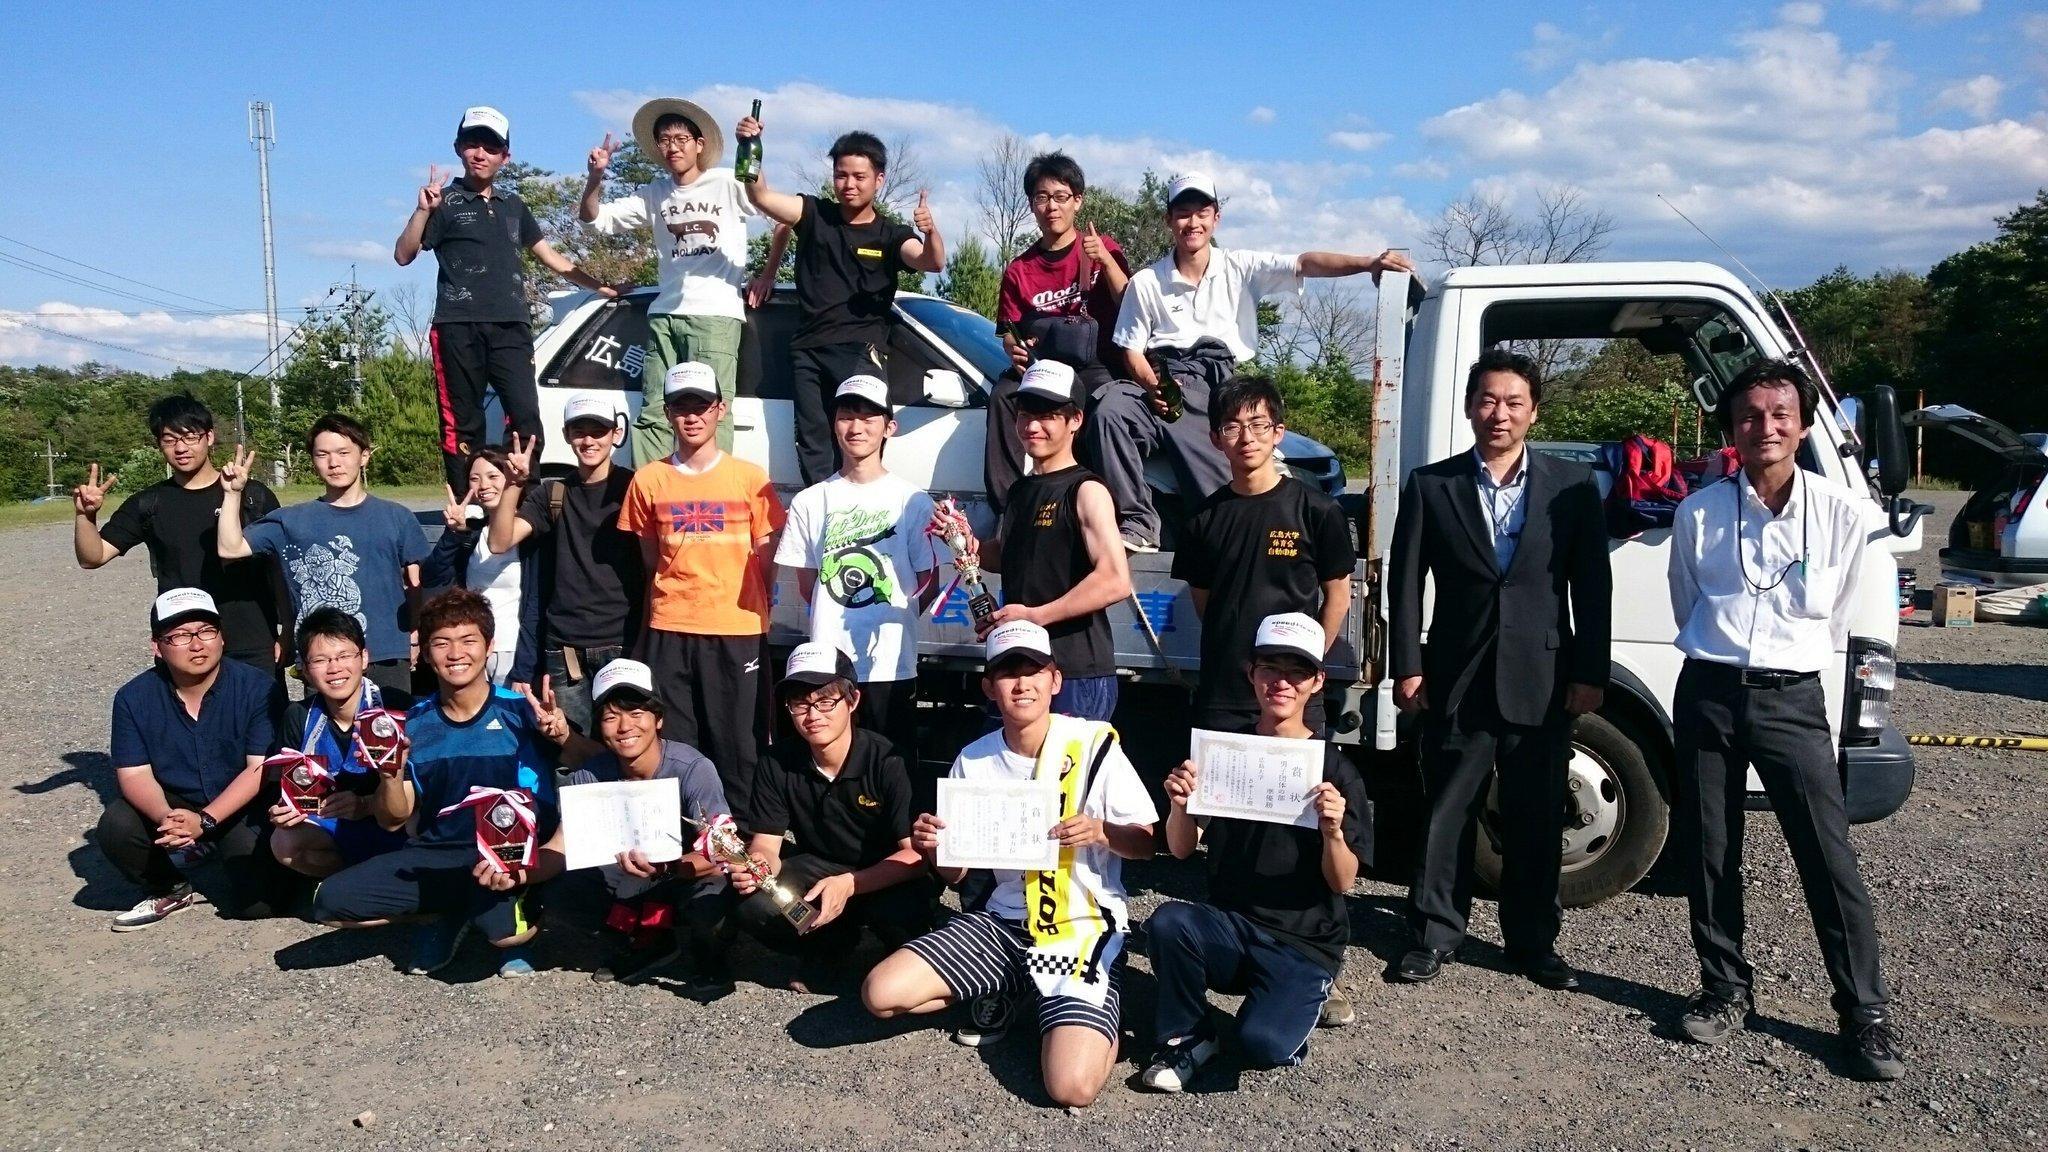 体育会自動車部が中四国学生ダートトライアルで個人・団体優勝しました!【体育会自動車部】